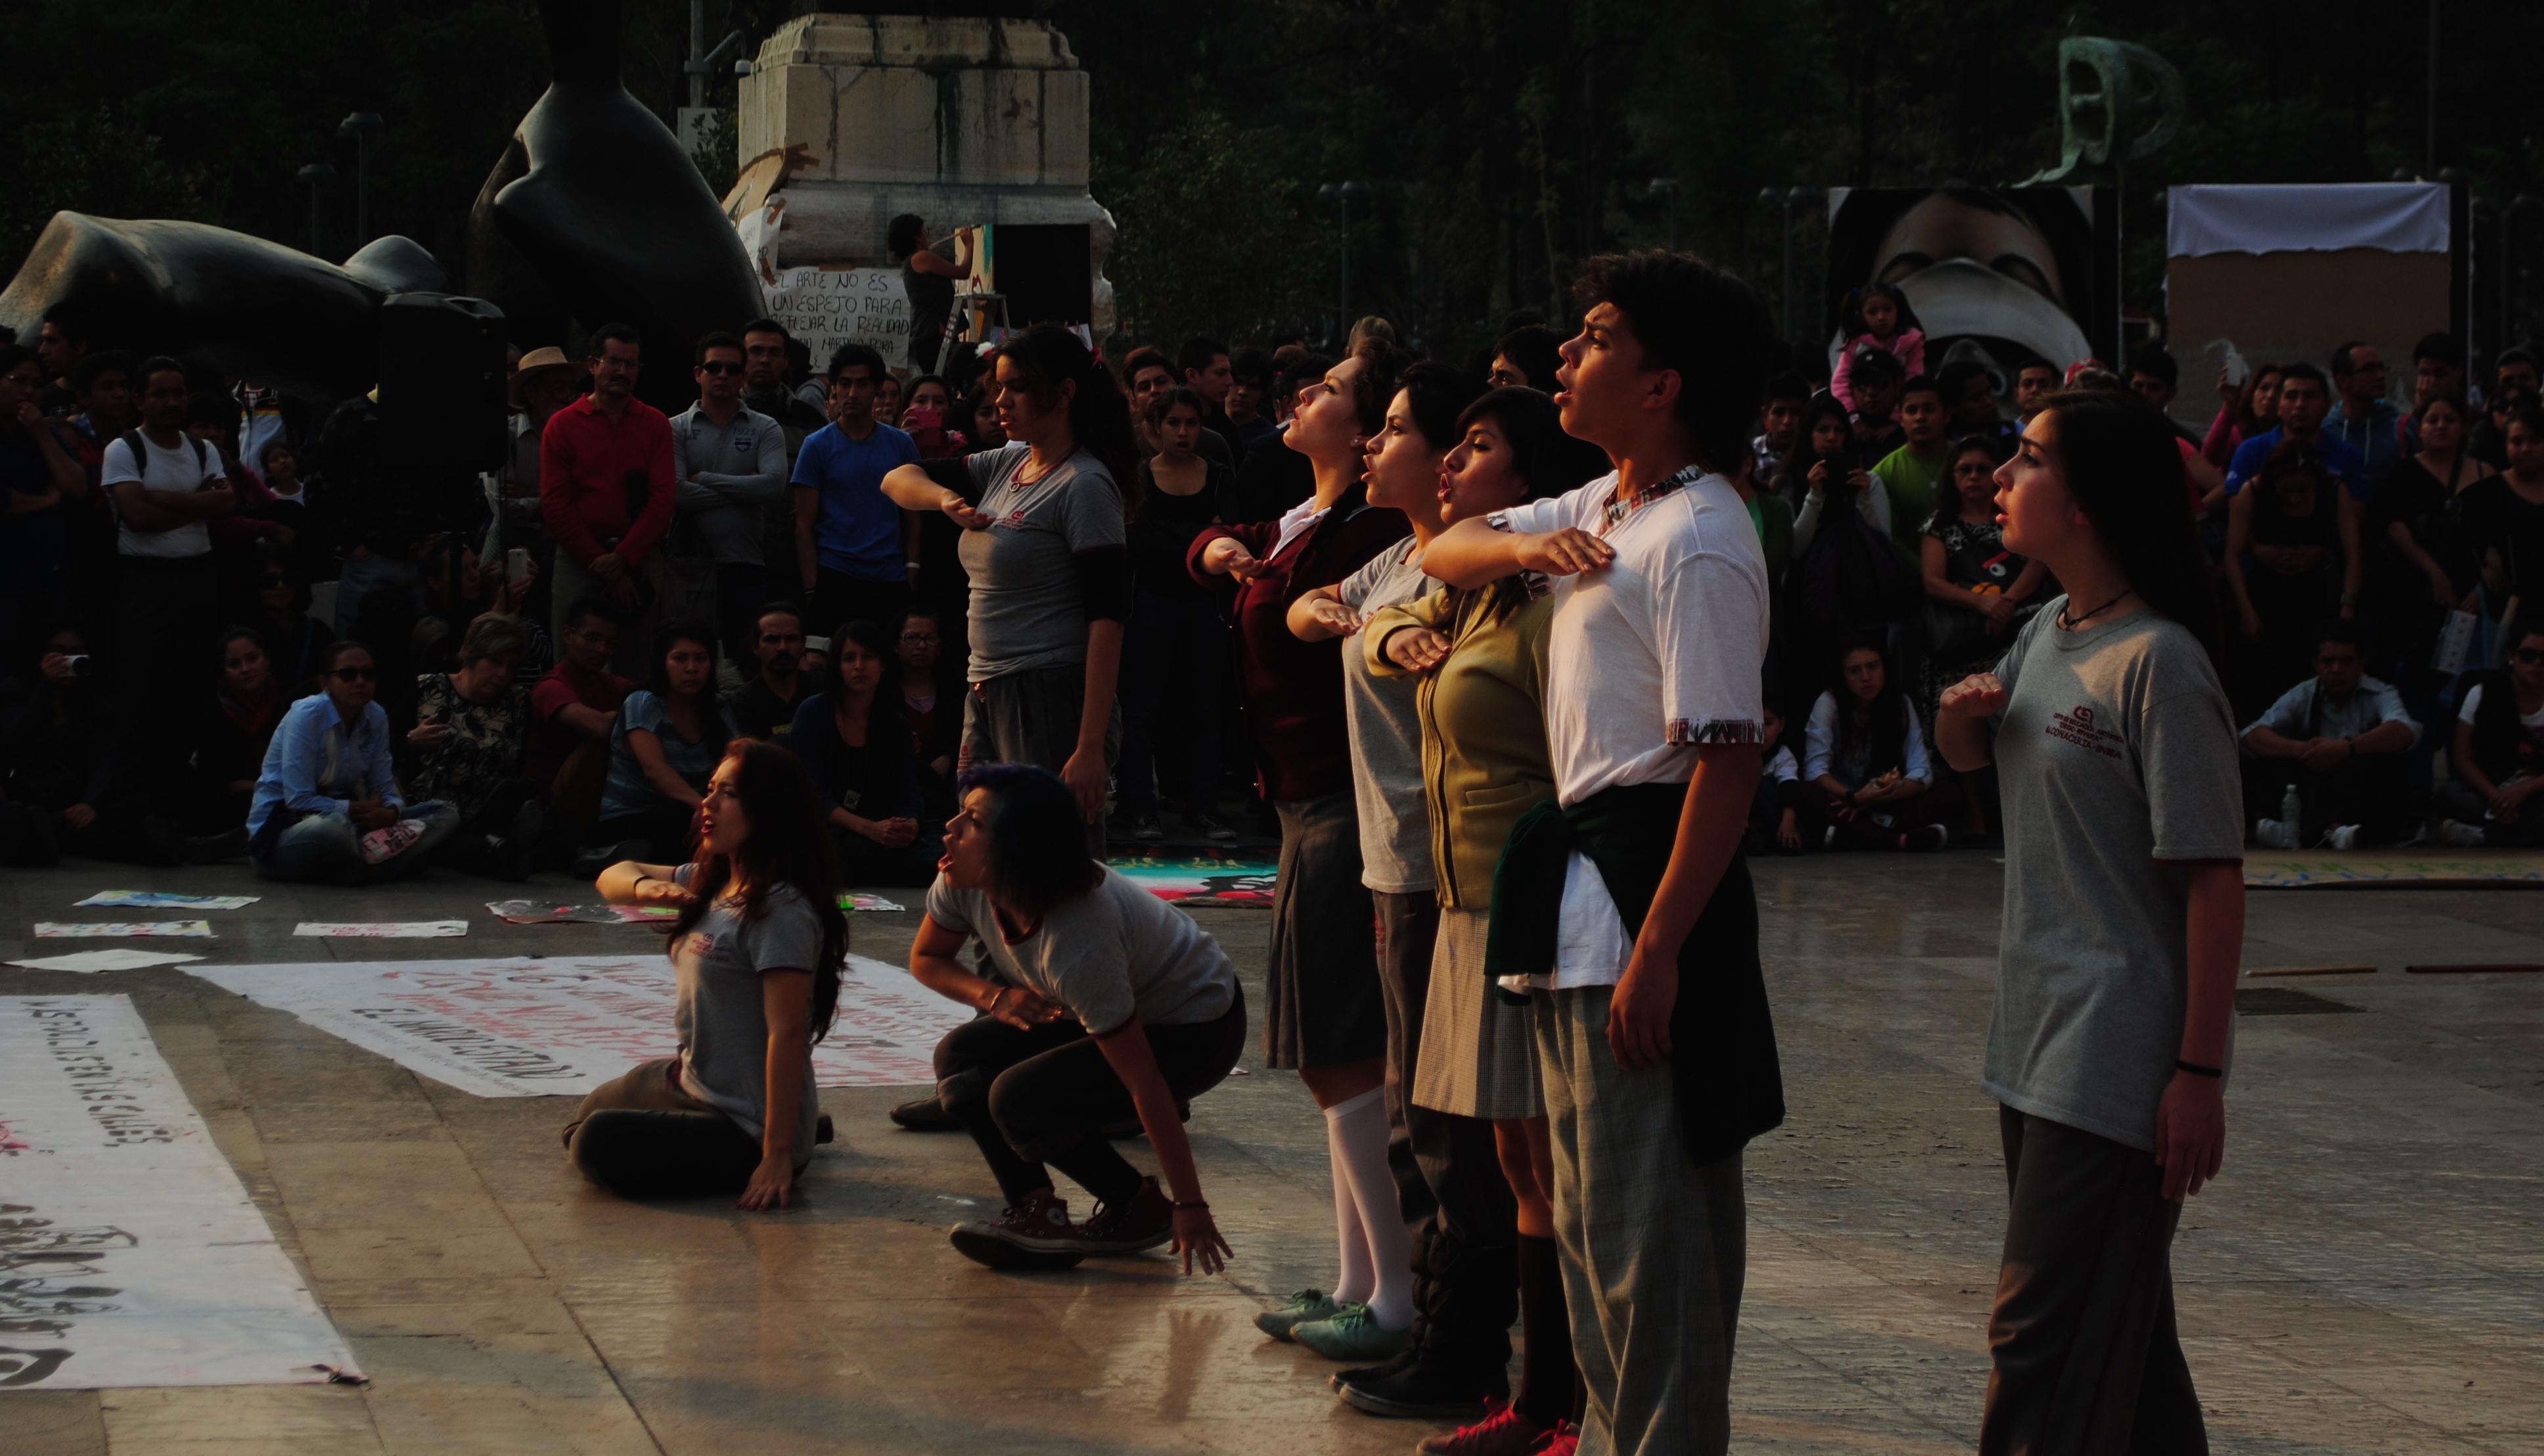 Protesta_cultural_por_Ayotzinapa_43_+_11_-_2